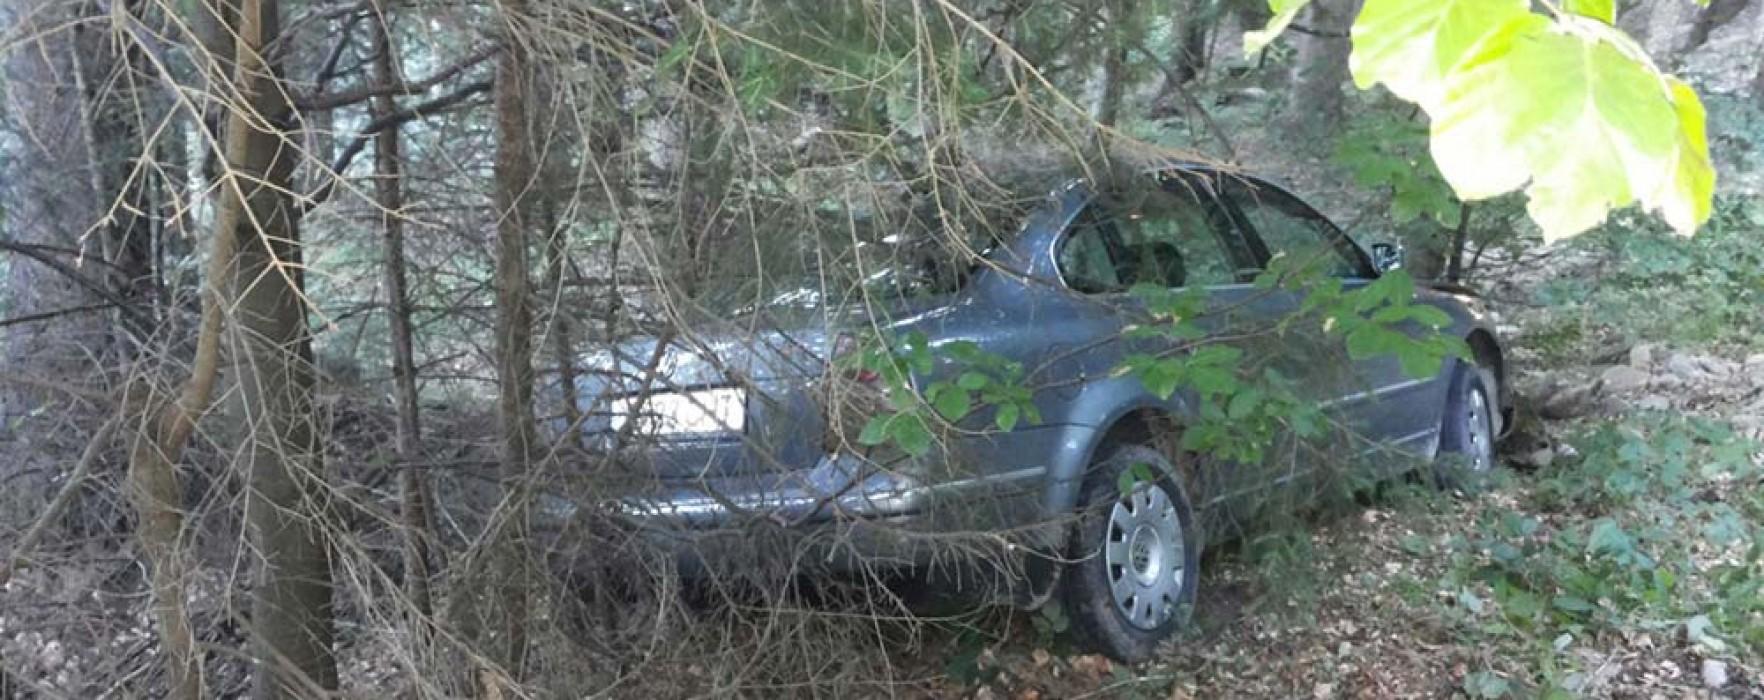 Dâmboviţa: A uitat să tragă frâna de mână, iar maşina cu pasageri a căzut în râpă